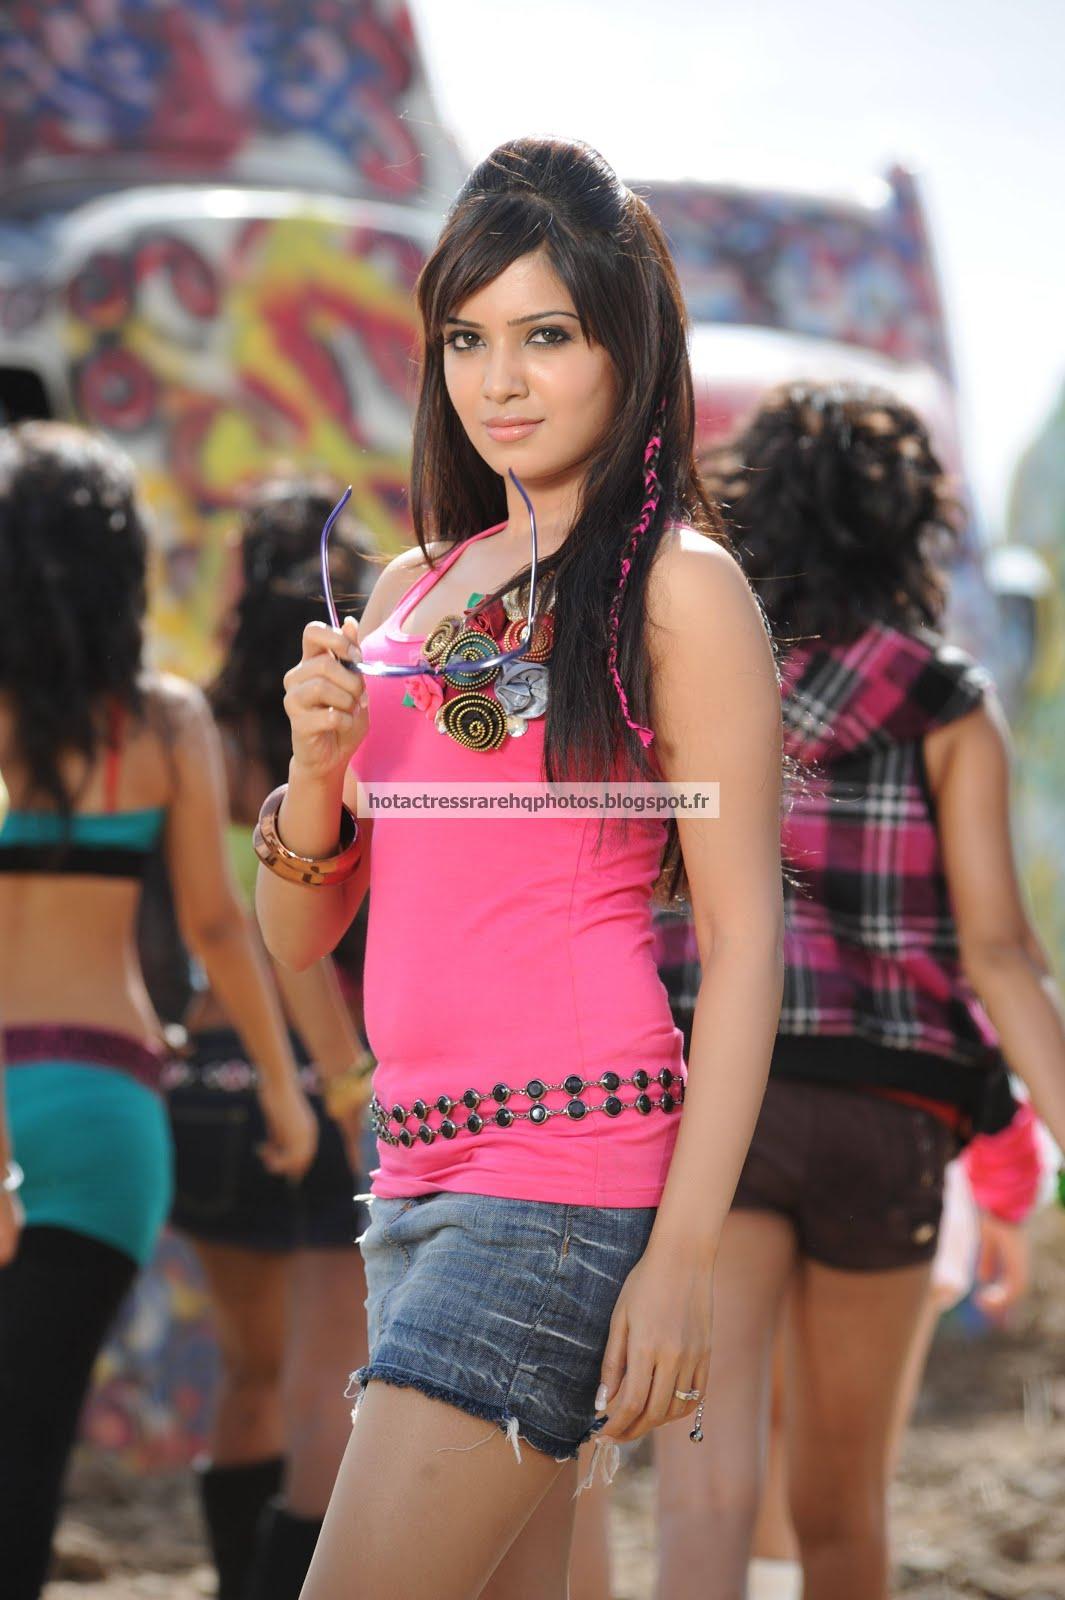 Samantha In Saree: Hot Indian Actress Rare HQ Photos: Actress Samantha Ruth